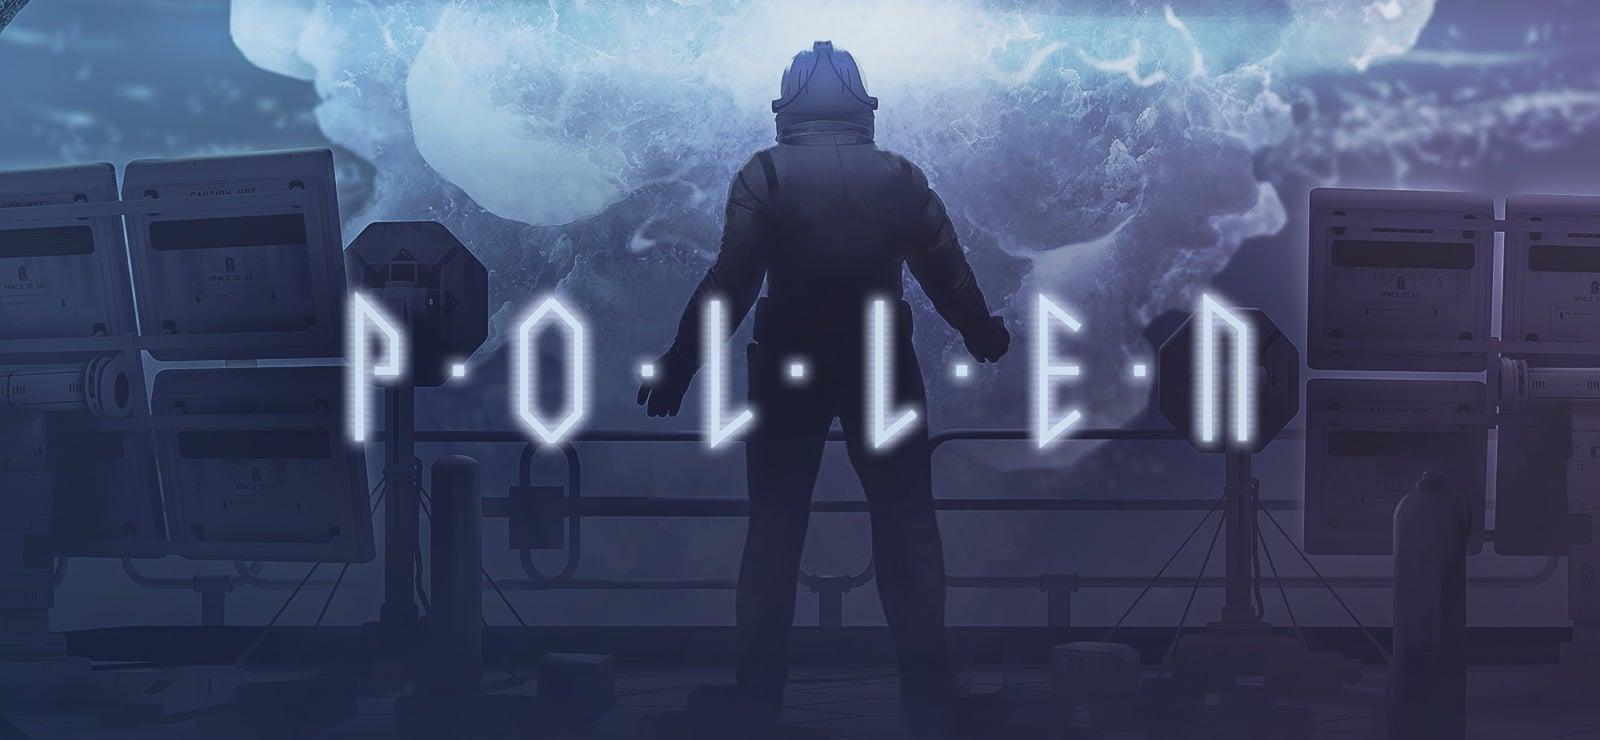 P.O.L.L.E.N. telecharger gratuit de PC et Torrent